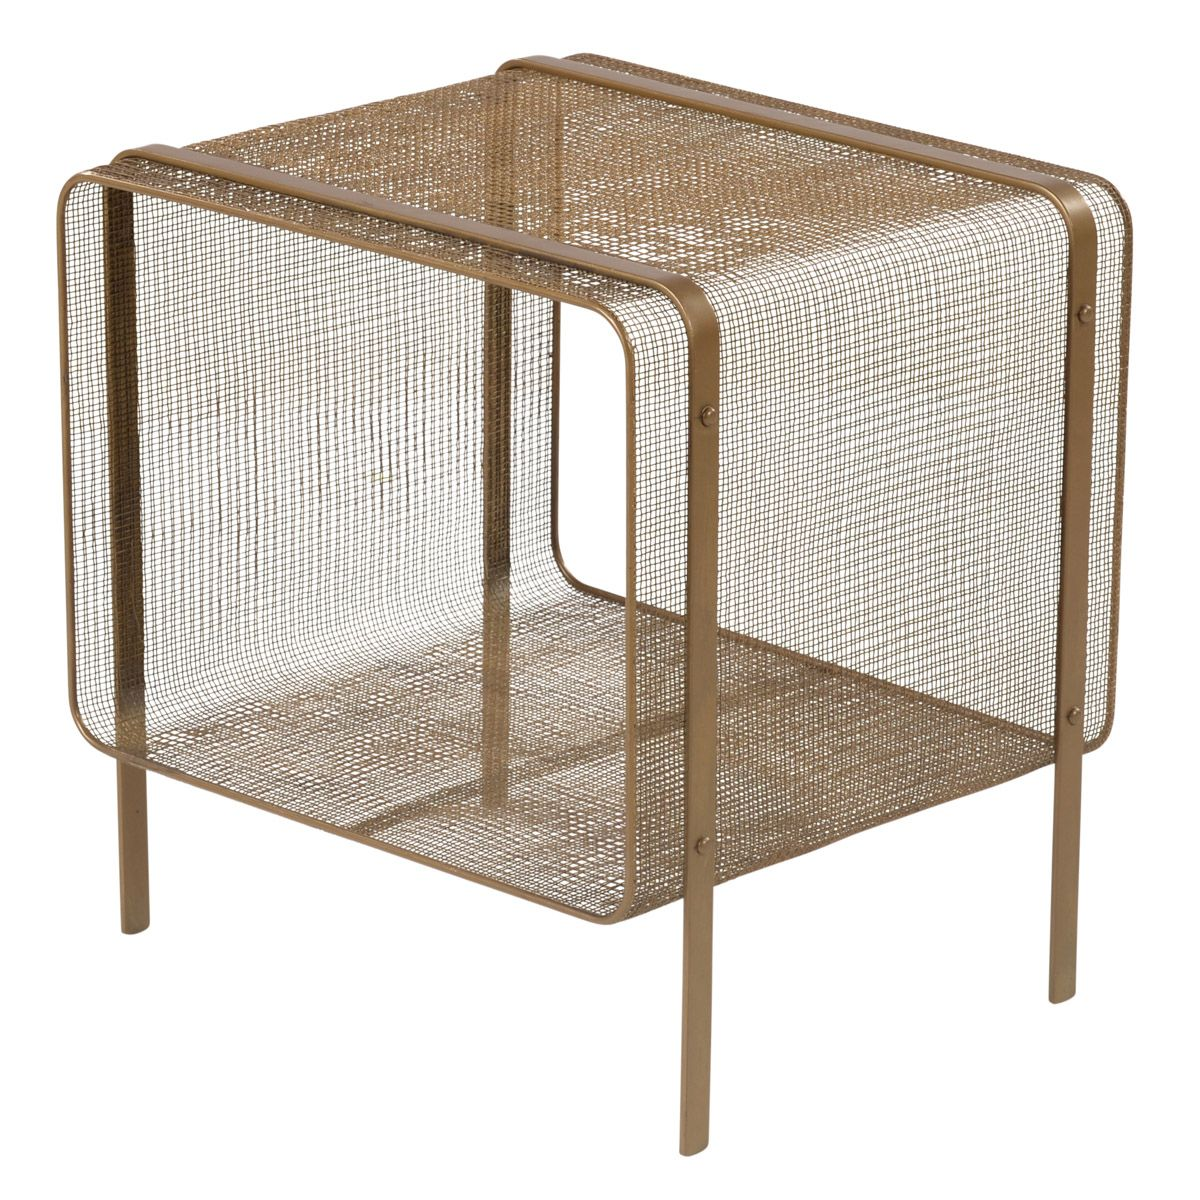 Bout de canapé en fer doré